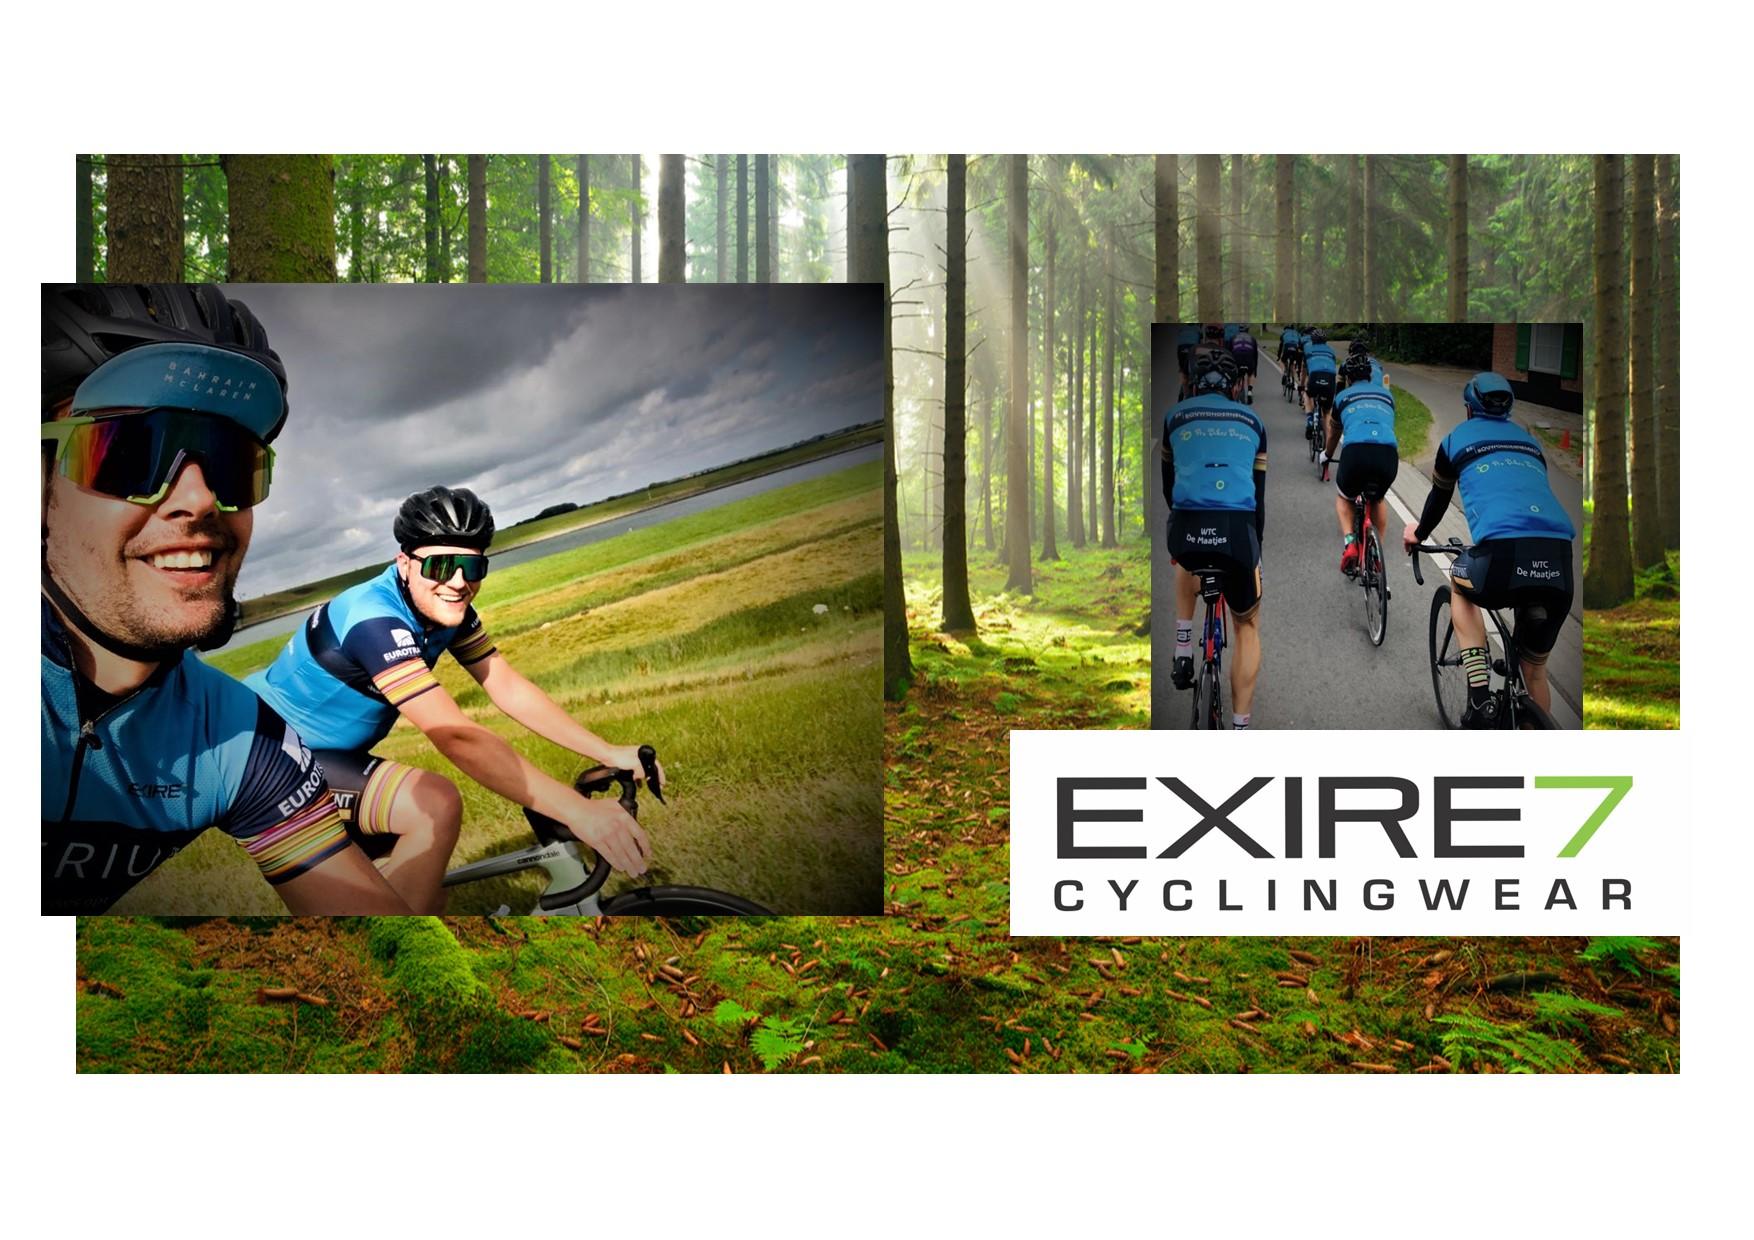 EXIRE7 - cyclingwear - de maatjes